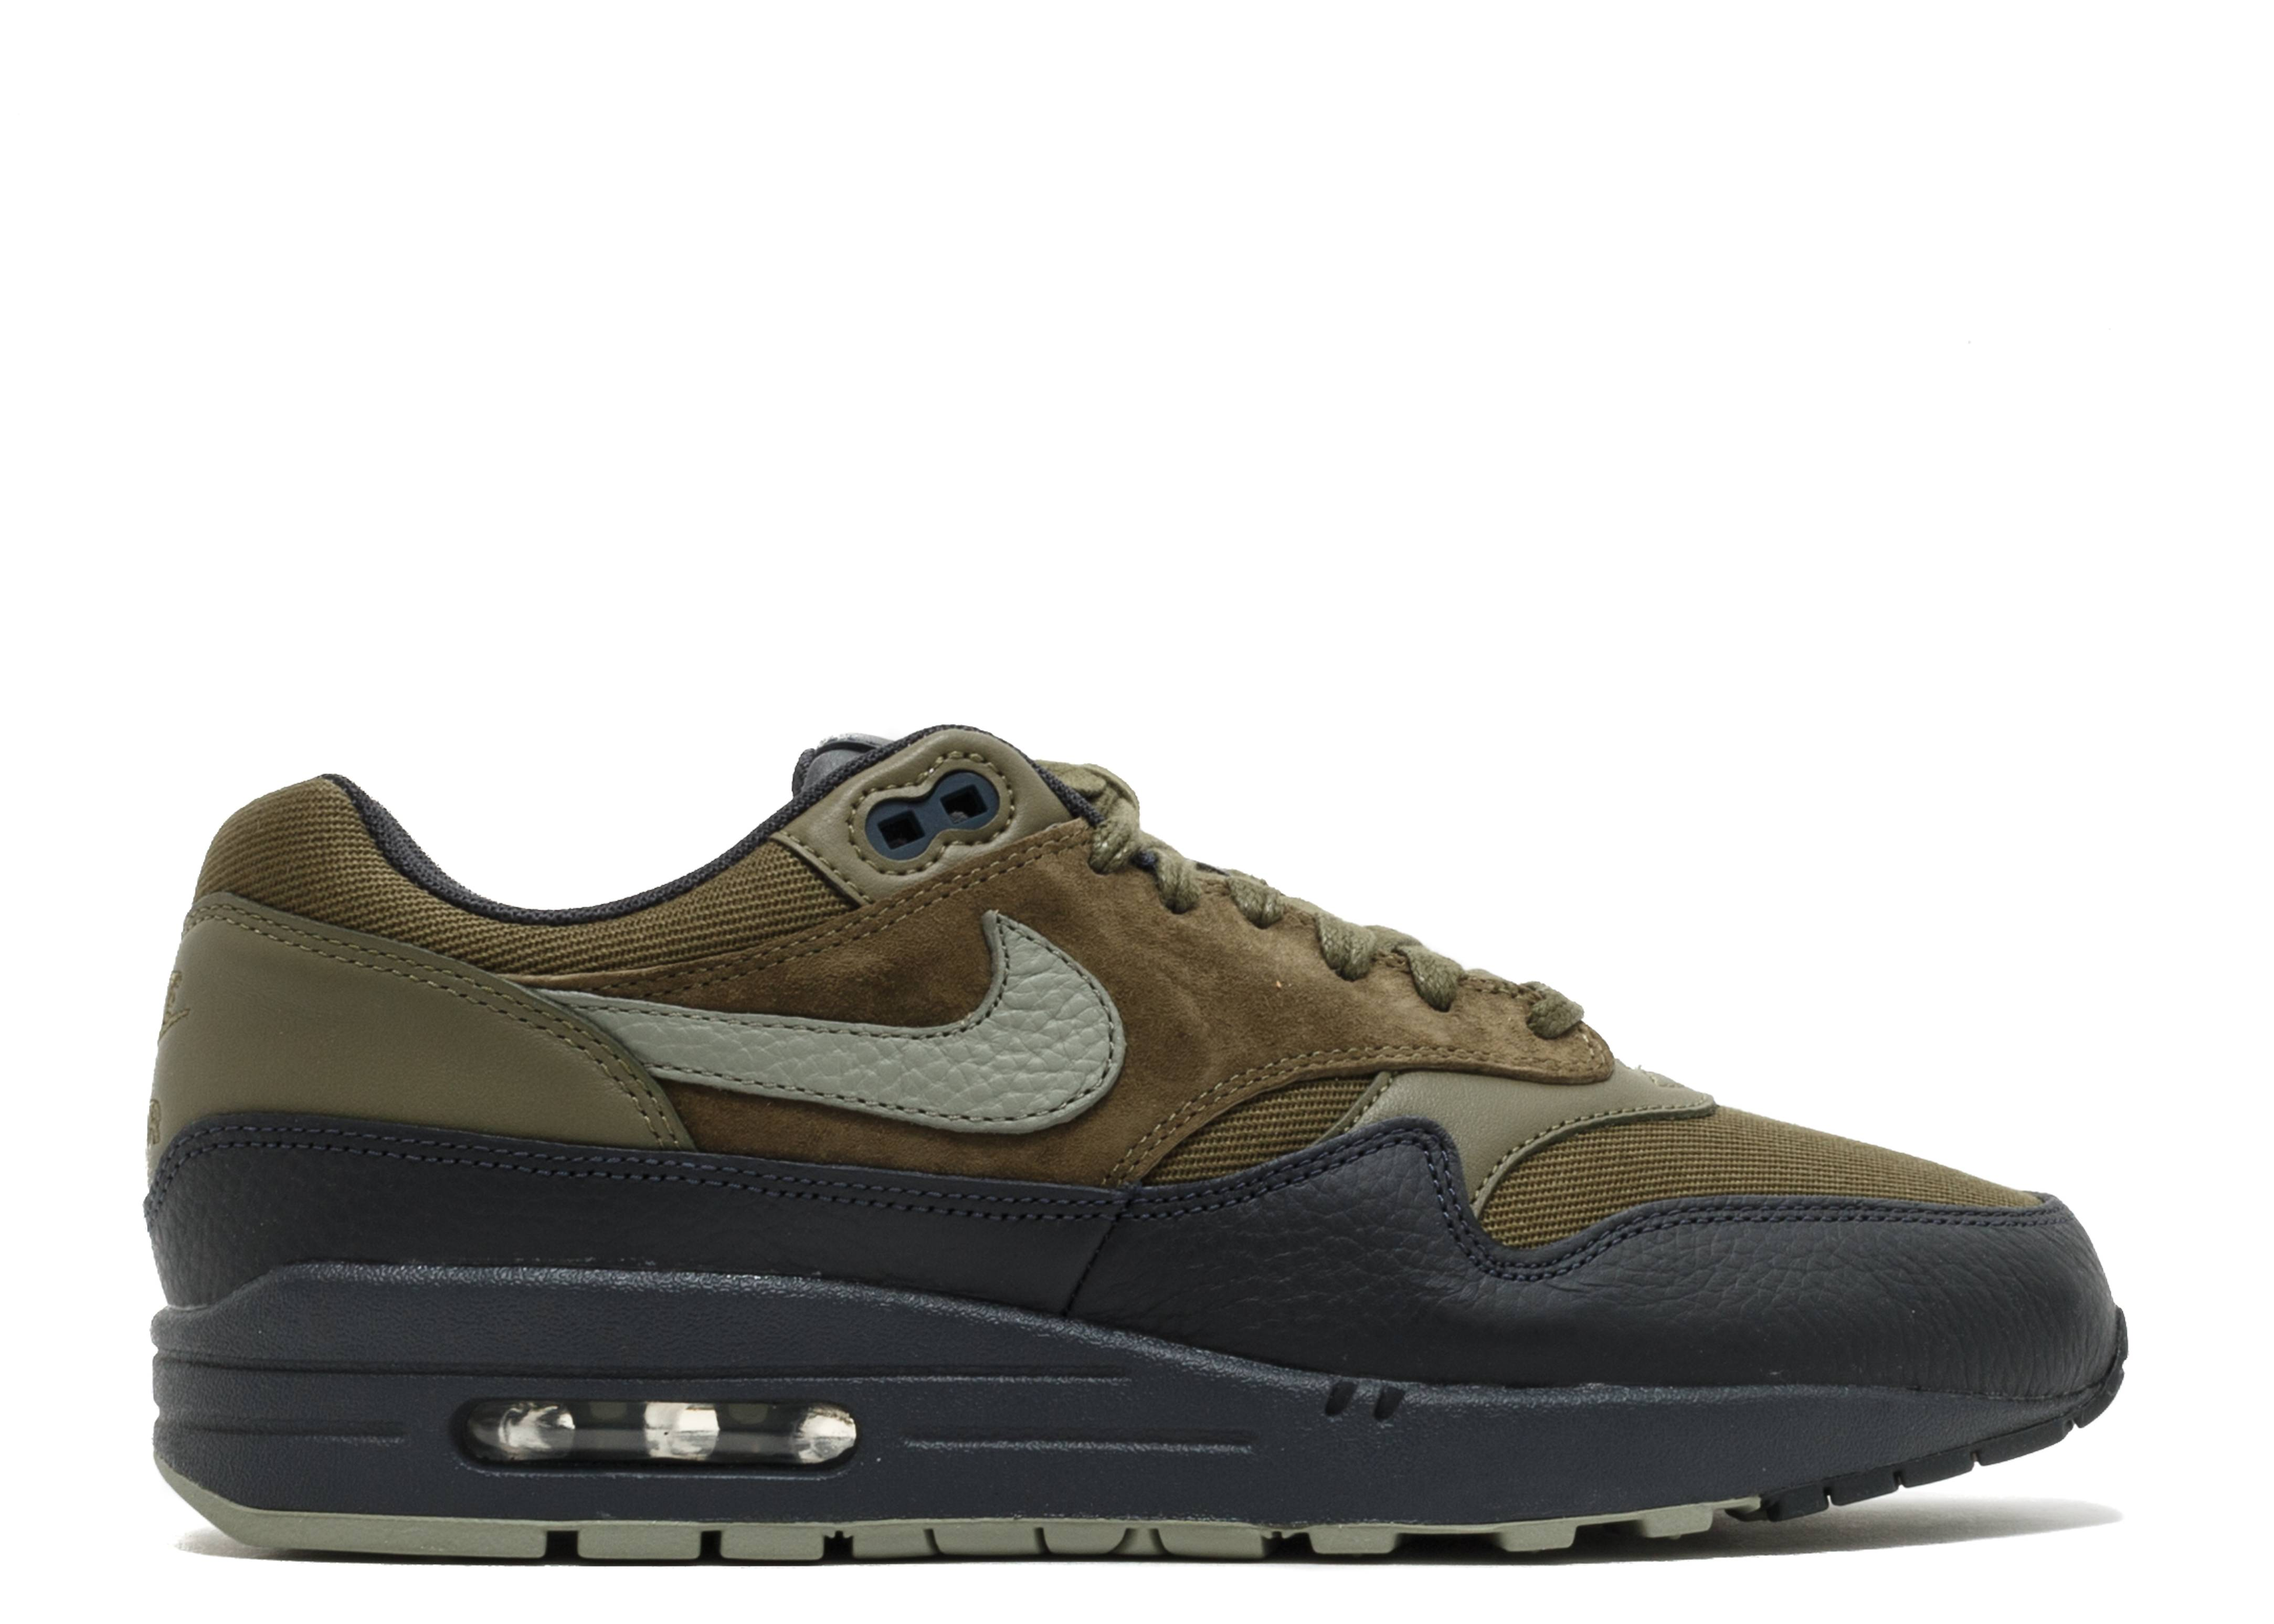 Nike Air Max 200 1 Premium Ridgerock Nike 875844 200 Max Ridgerock e341bd